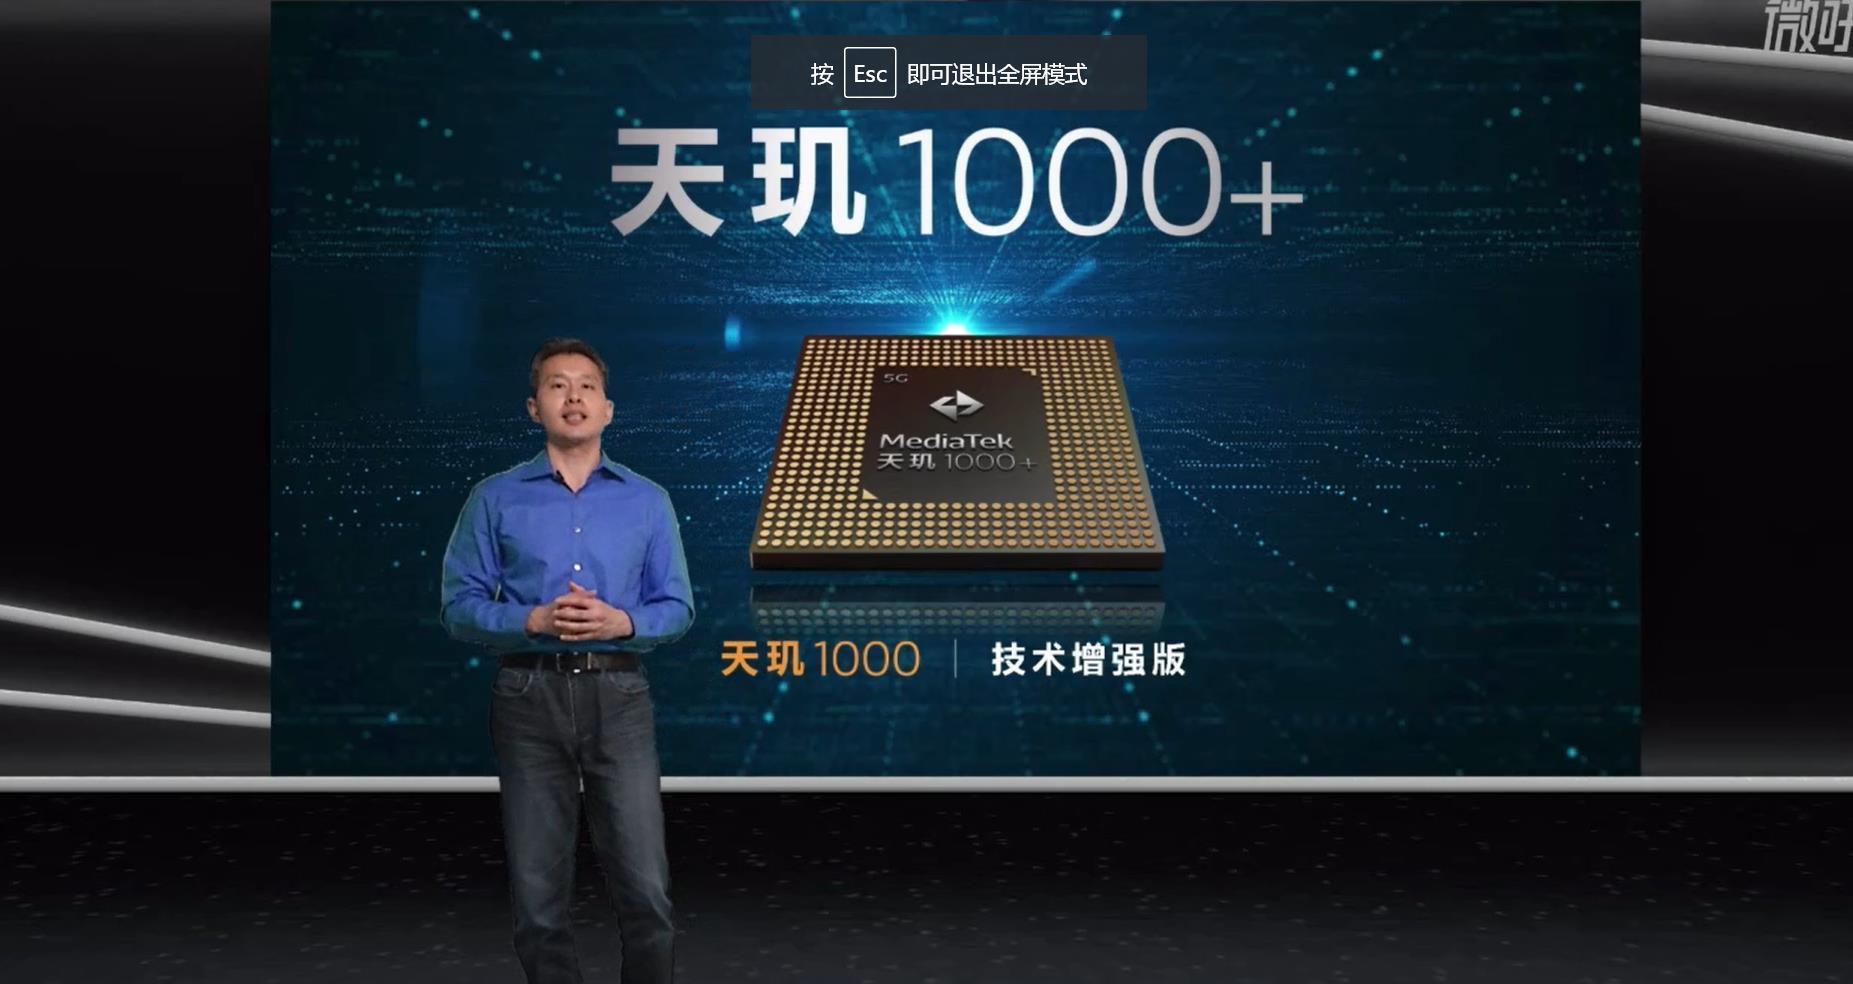 天玑1000+发布 联发科旗舰升级显露新动机